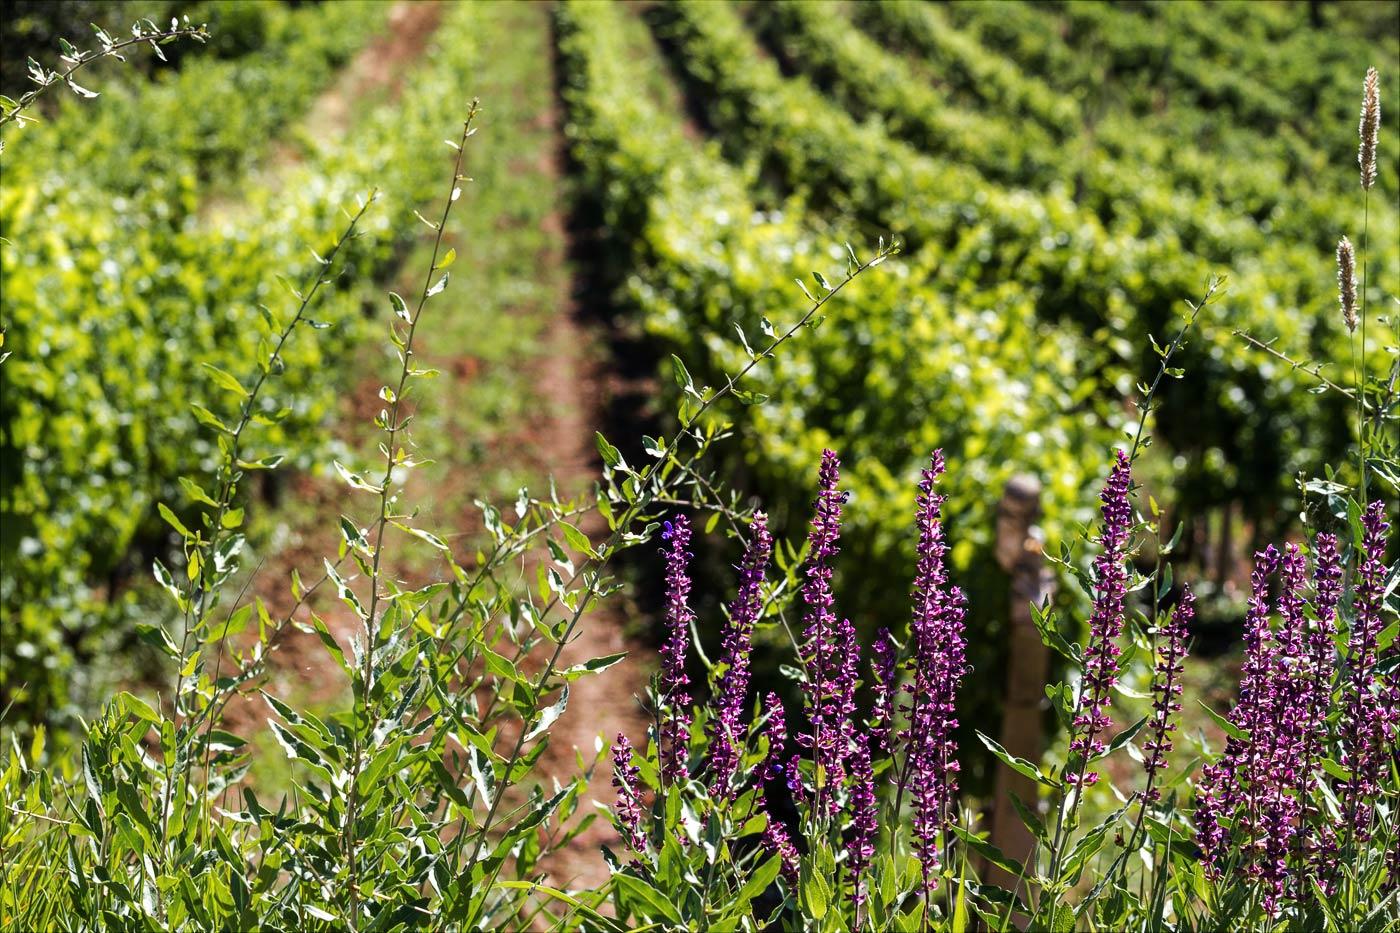 Виноградники в Велке Биловице, Южная Моравия